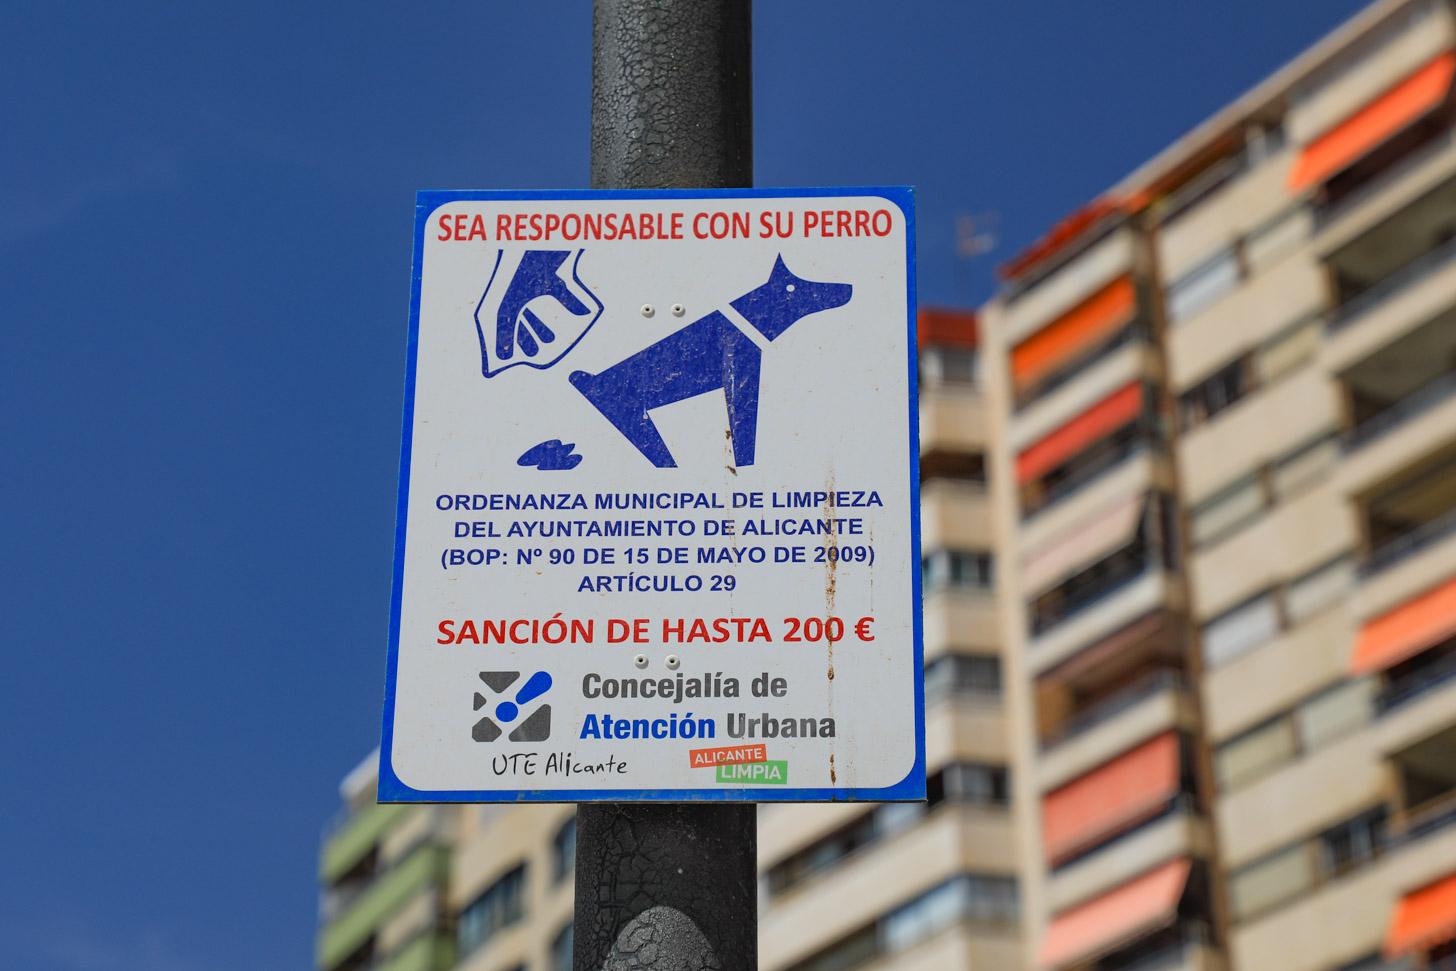 De hond mee naar Alicante?